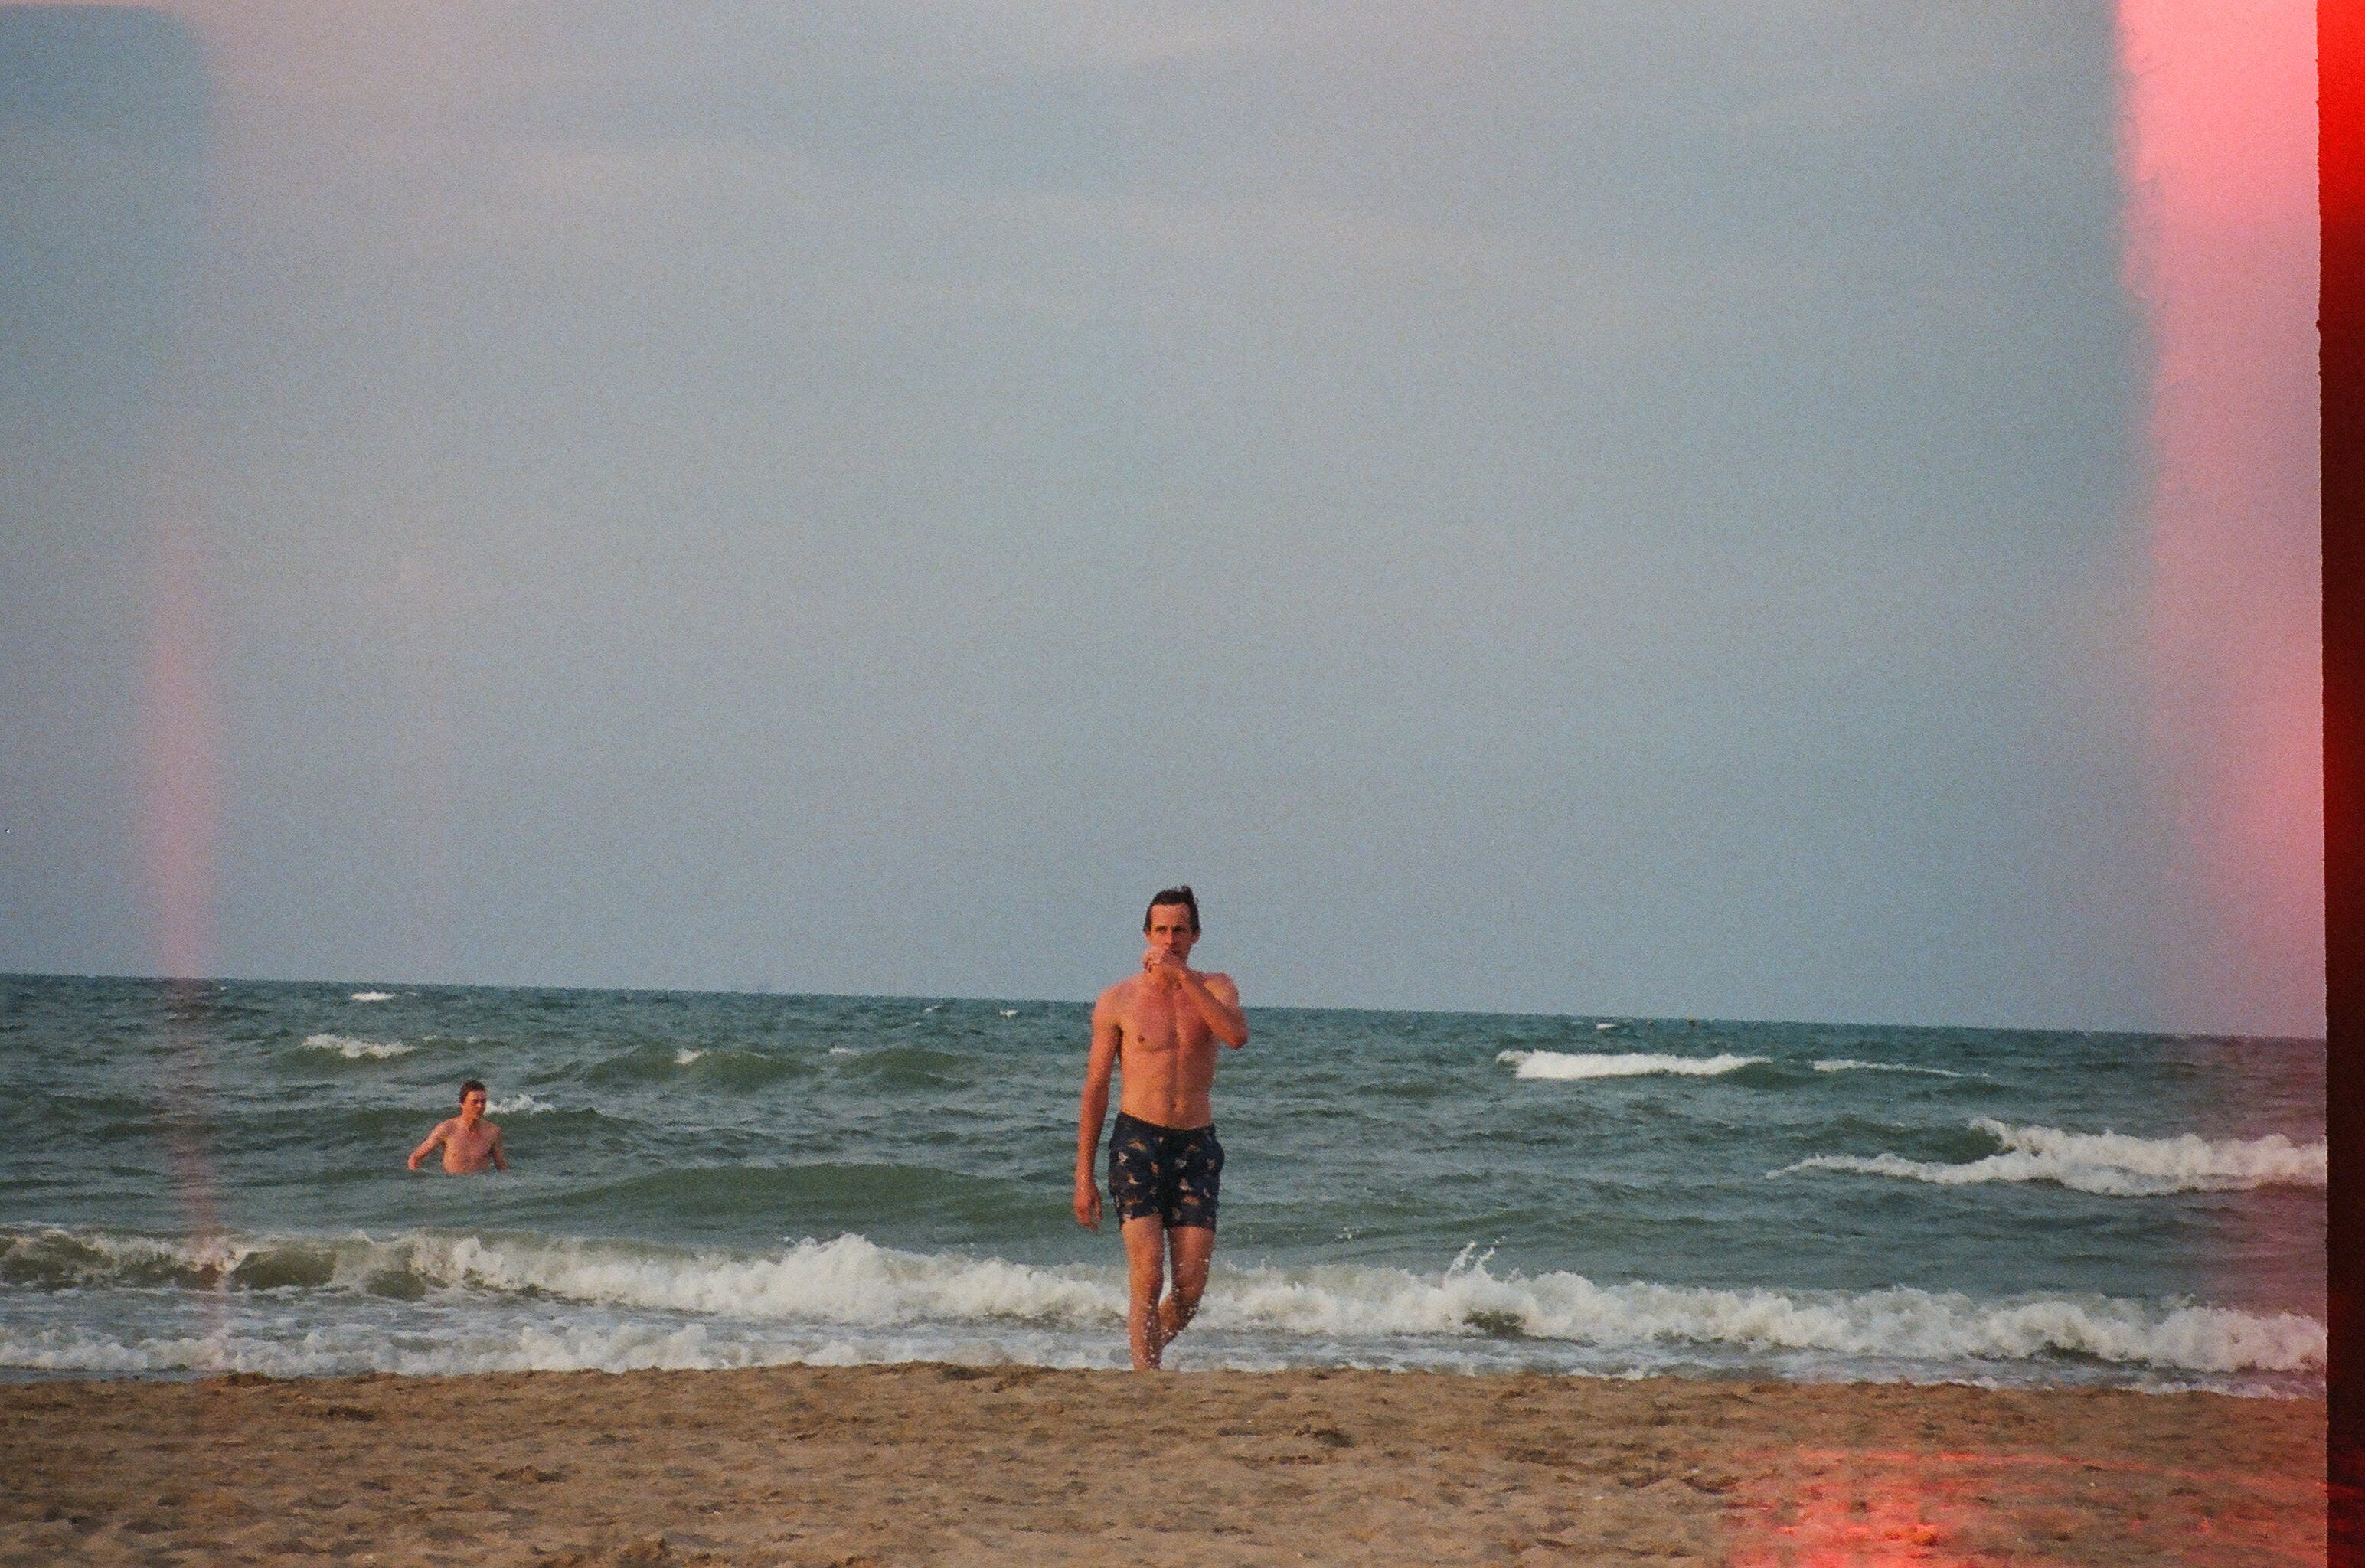 Gratis lagerfoto af hav, kyst, mand, person